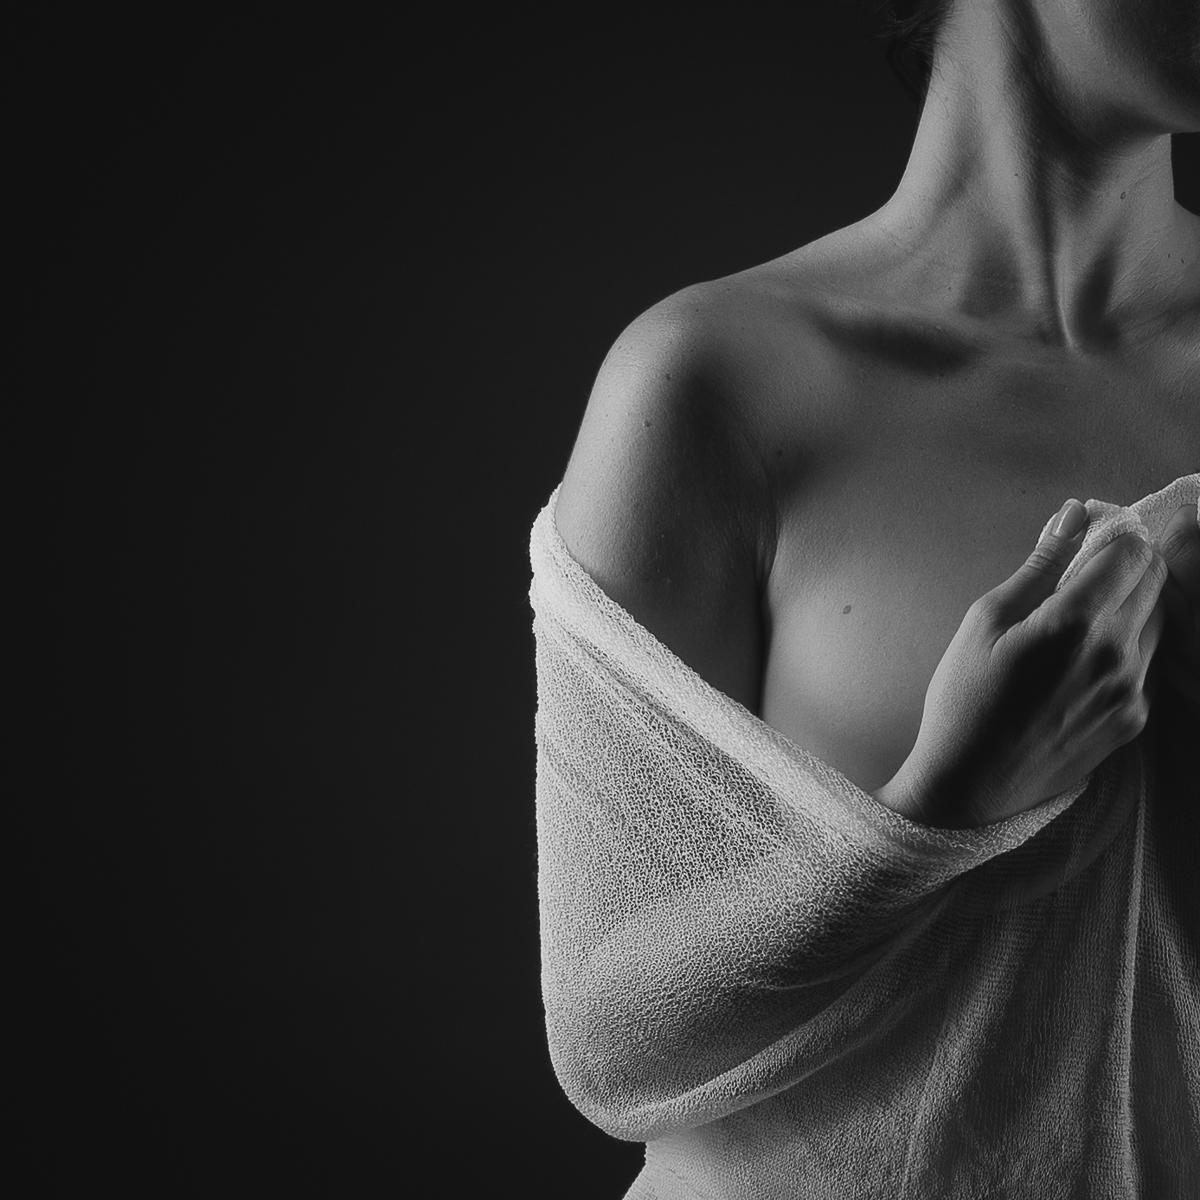 Détail épaule nue, corps caché par un voile